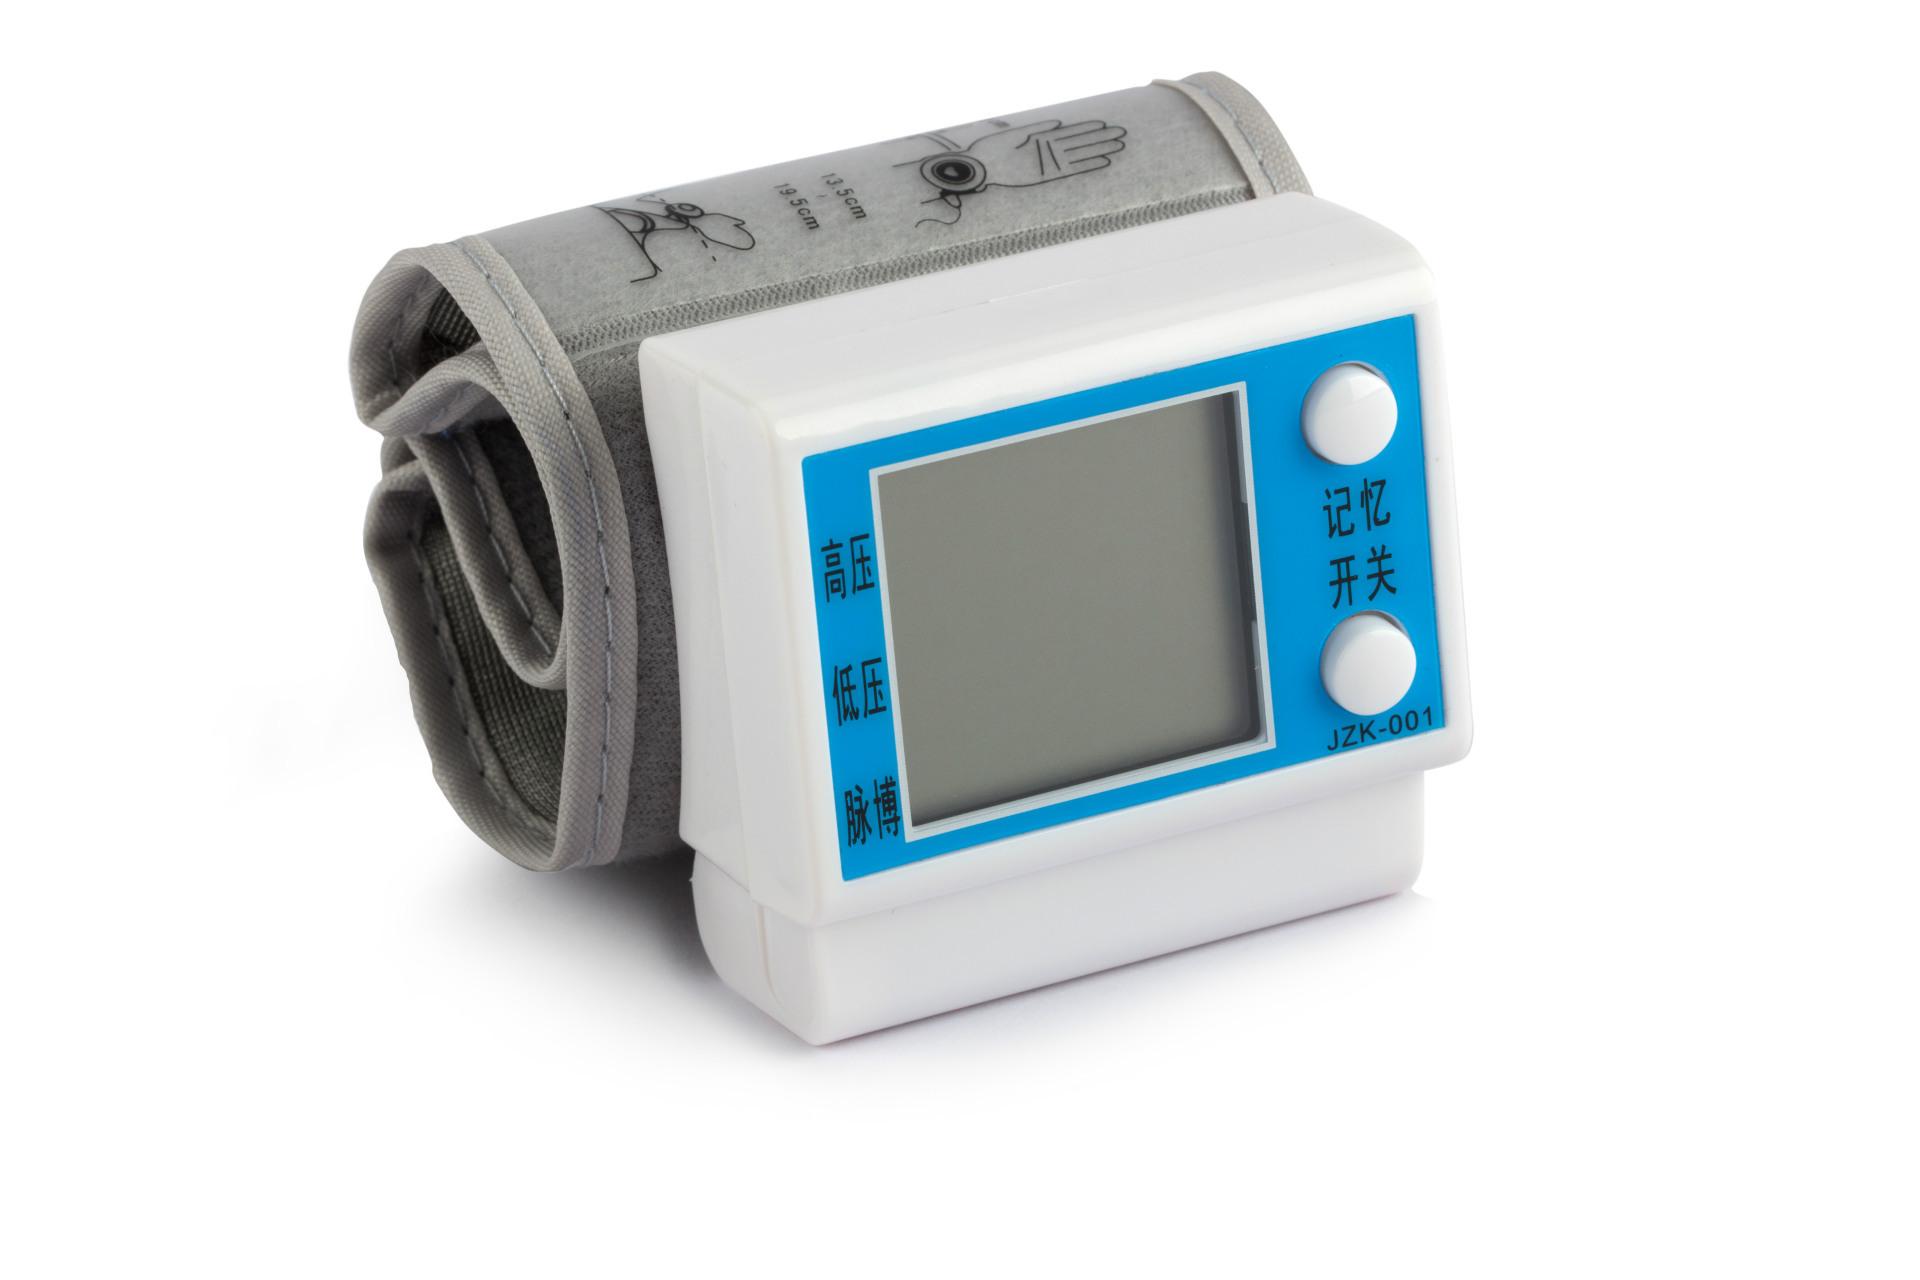 """哪种血压计比较准?      比起现在电子血压计,许多人更愿意相信医院里面用的水银血压计。黄辉解释,水银血压计之所以被认为""""比较准"""",首先因为水银血压计是大多数医疗机构使用的标准,有较高公信力,其次一般医疗机构都会对水银血压计的计量单位组织进行""""年检""""。而且一般水银血压计只有在漏水银才会影响准确性,所以它的准确性还是很难受到影响的。      对于医生来说,电子血压计不如水银血压计准,而且医生们更喜欢使用水银血压计,因为通过水银血压计,医生能发现更多的问"""